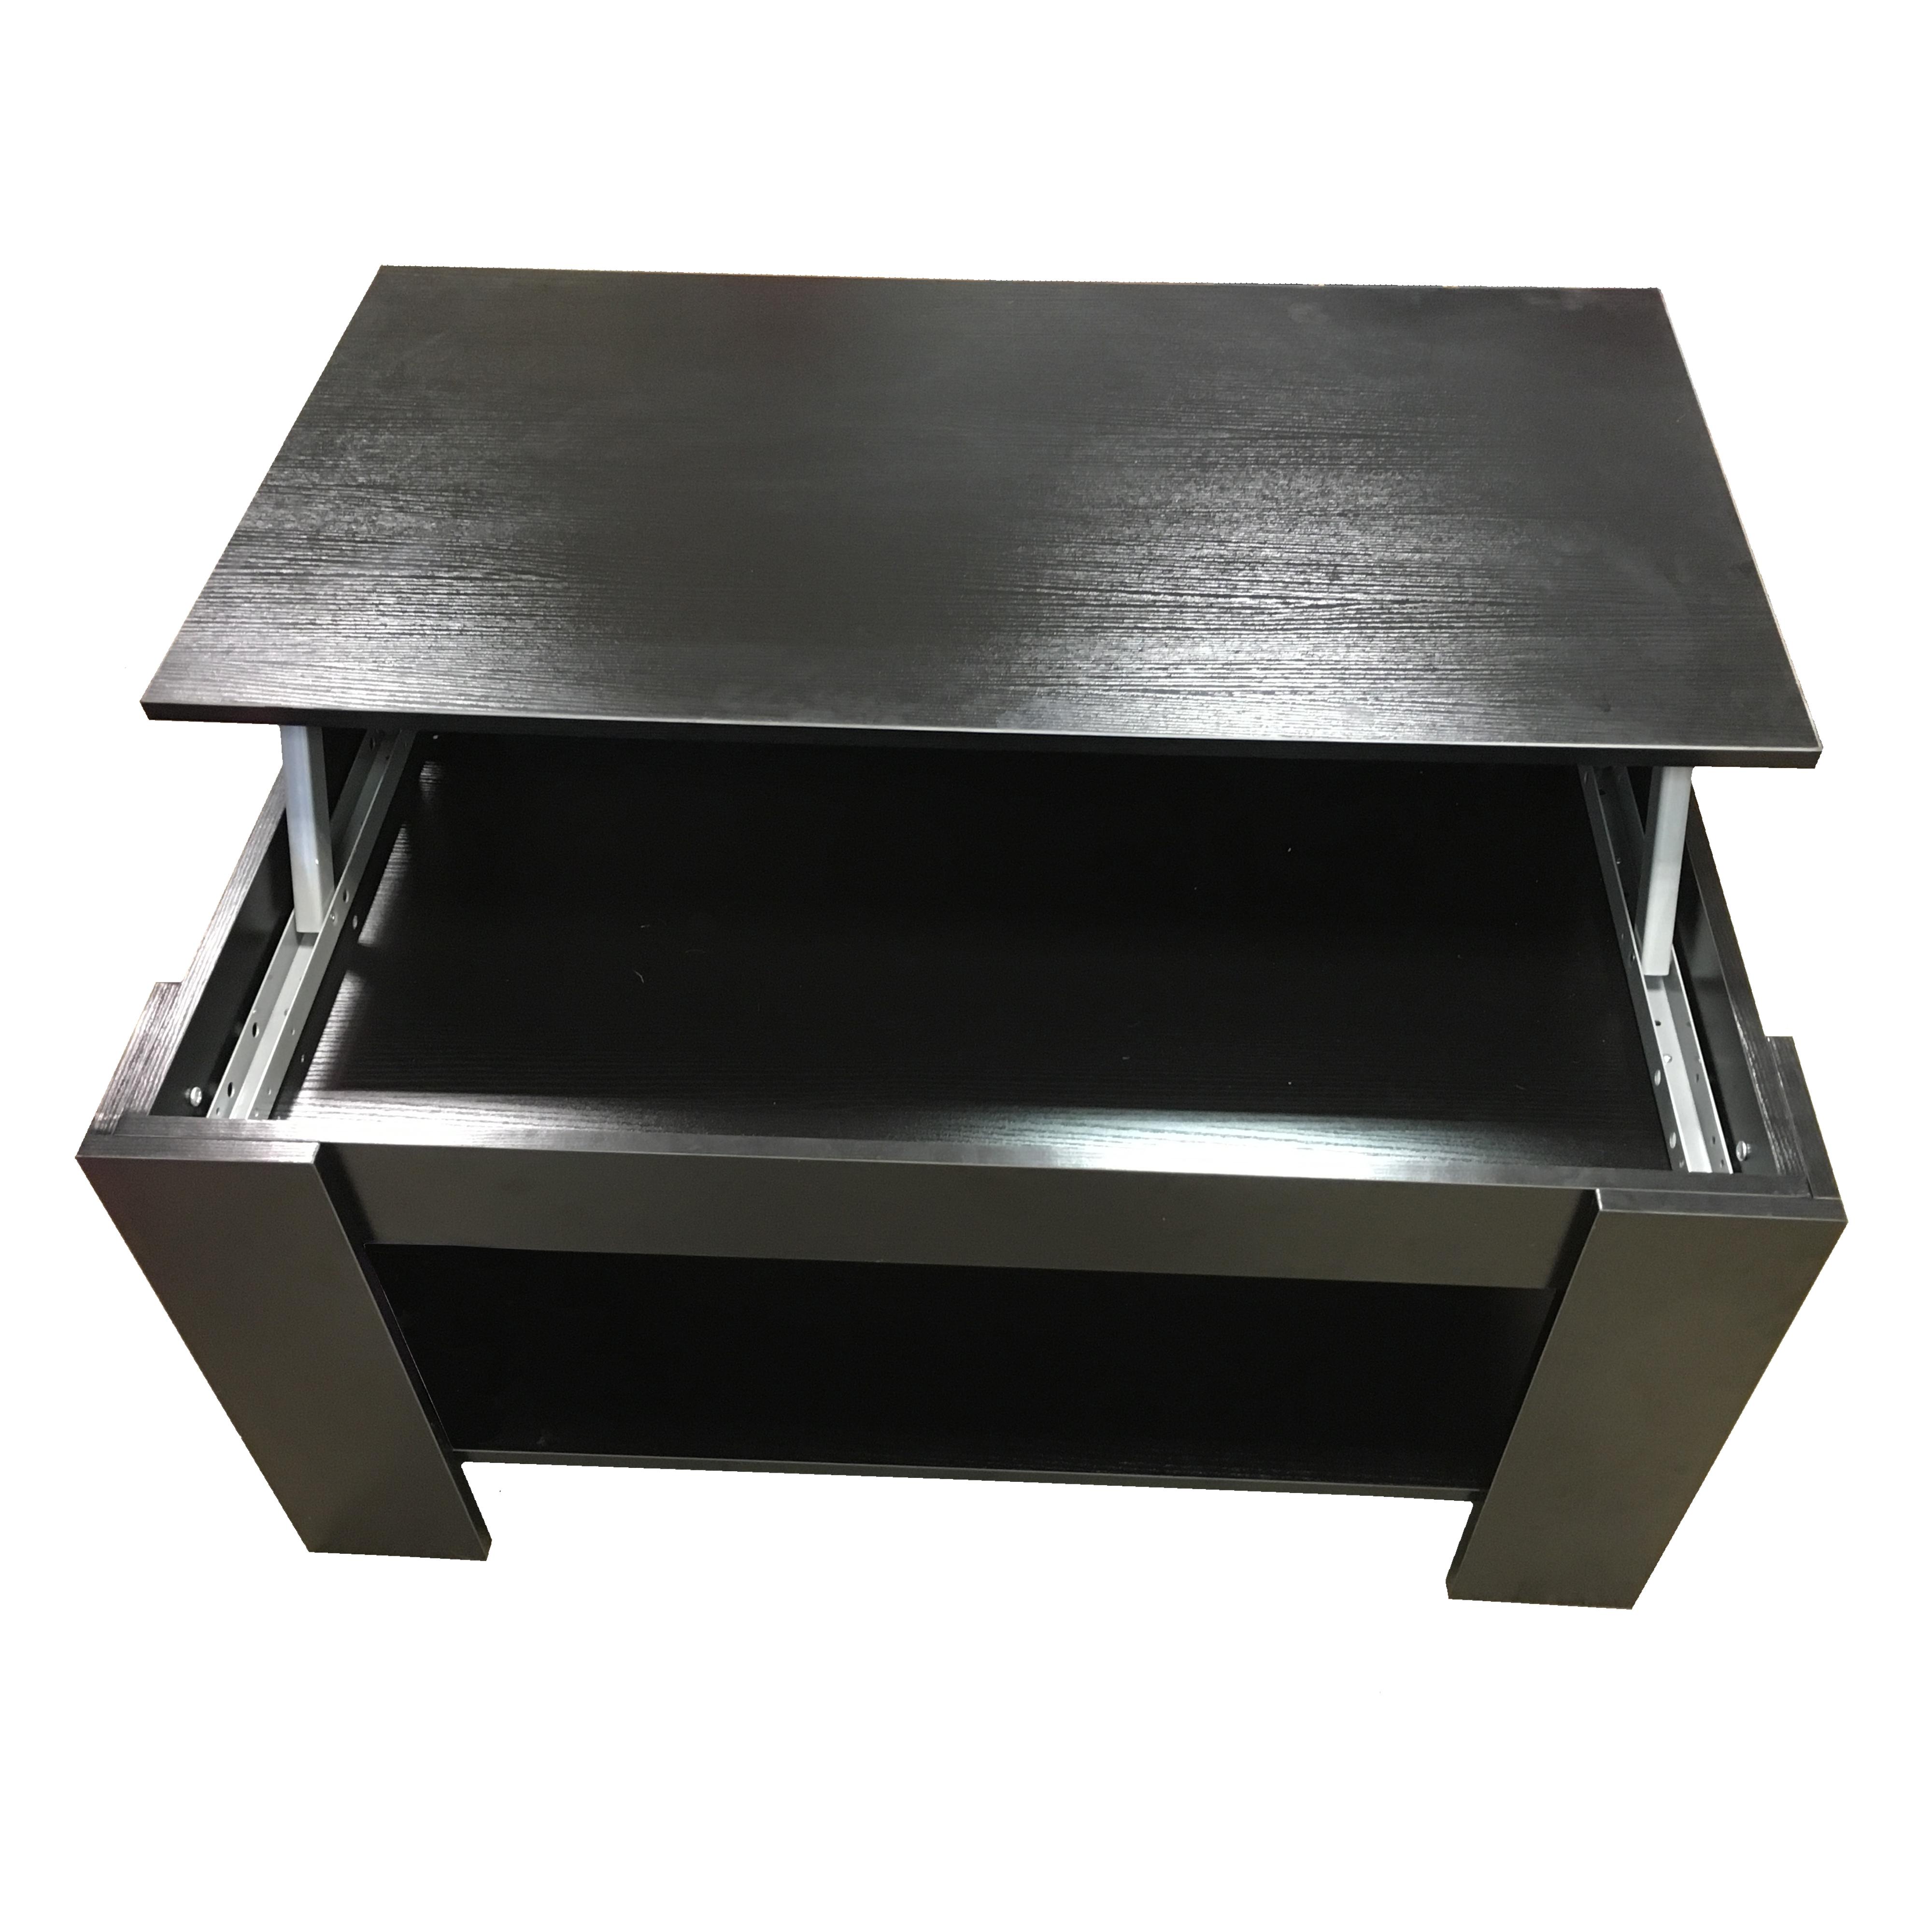 redstone couchtisch mit h henverstellbarer platte schwarz oder wei ebay. Black Bedroom Furniture Sets. Home Design Ideas